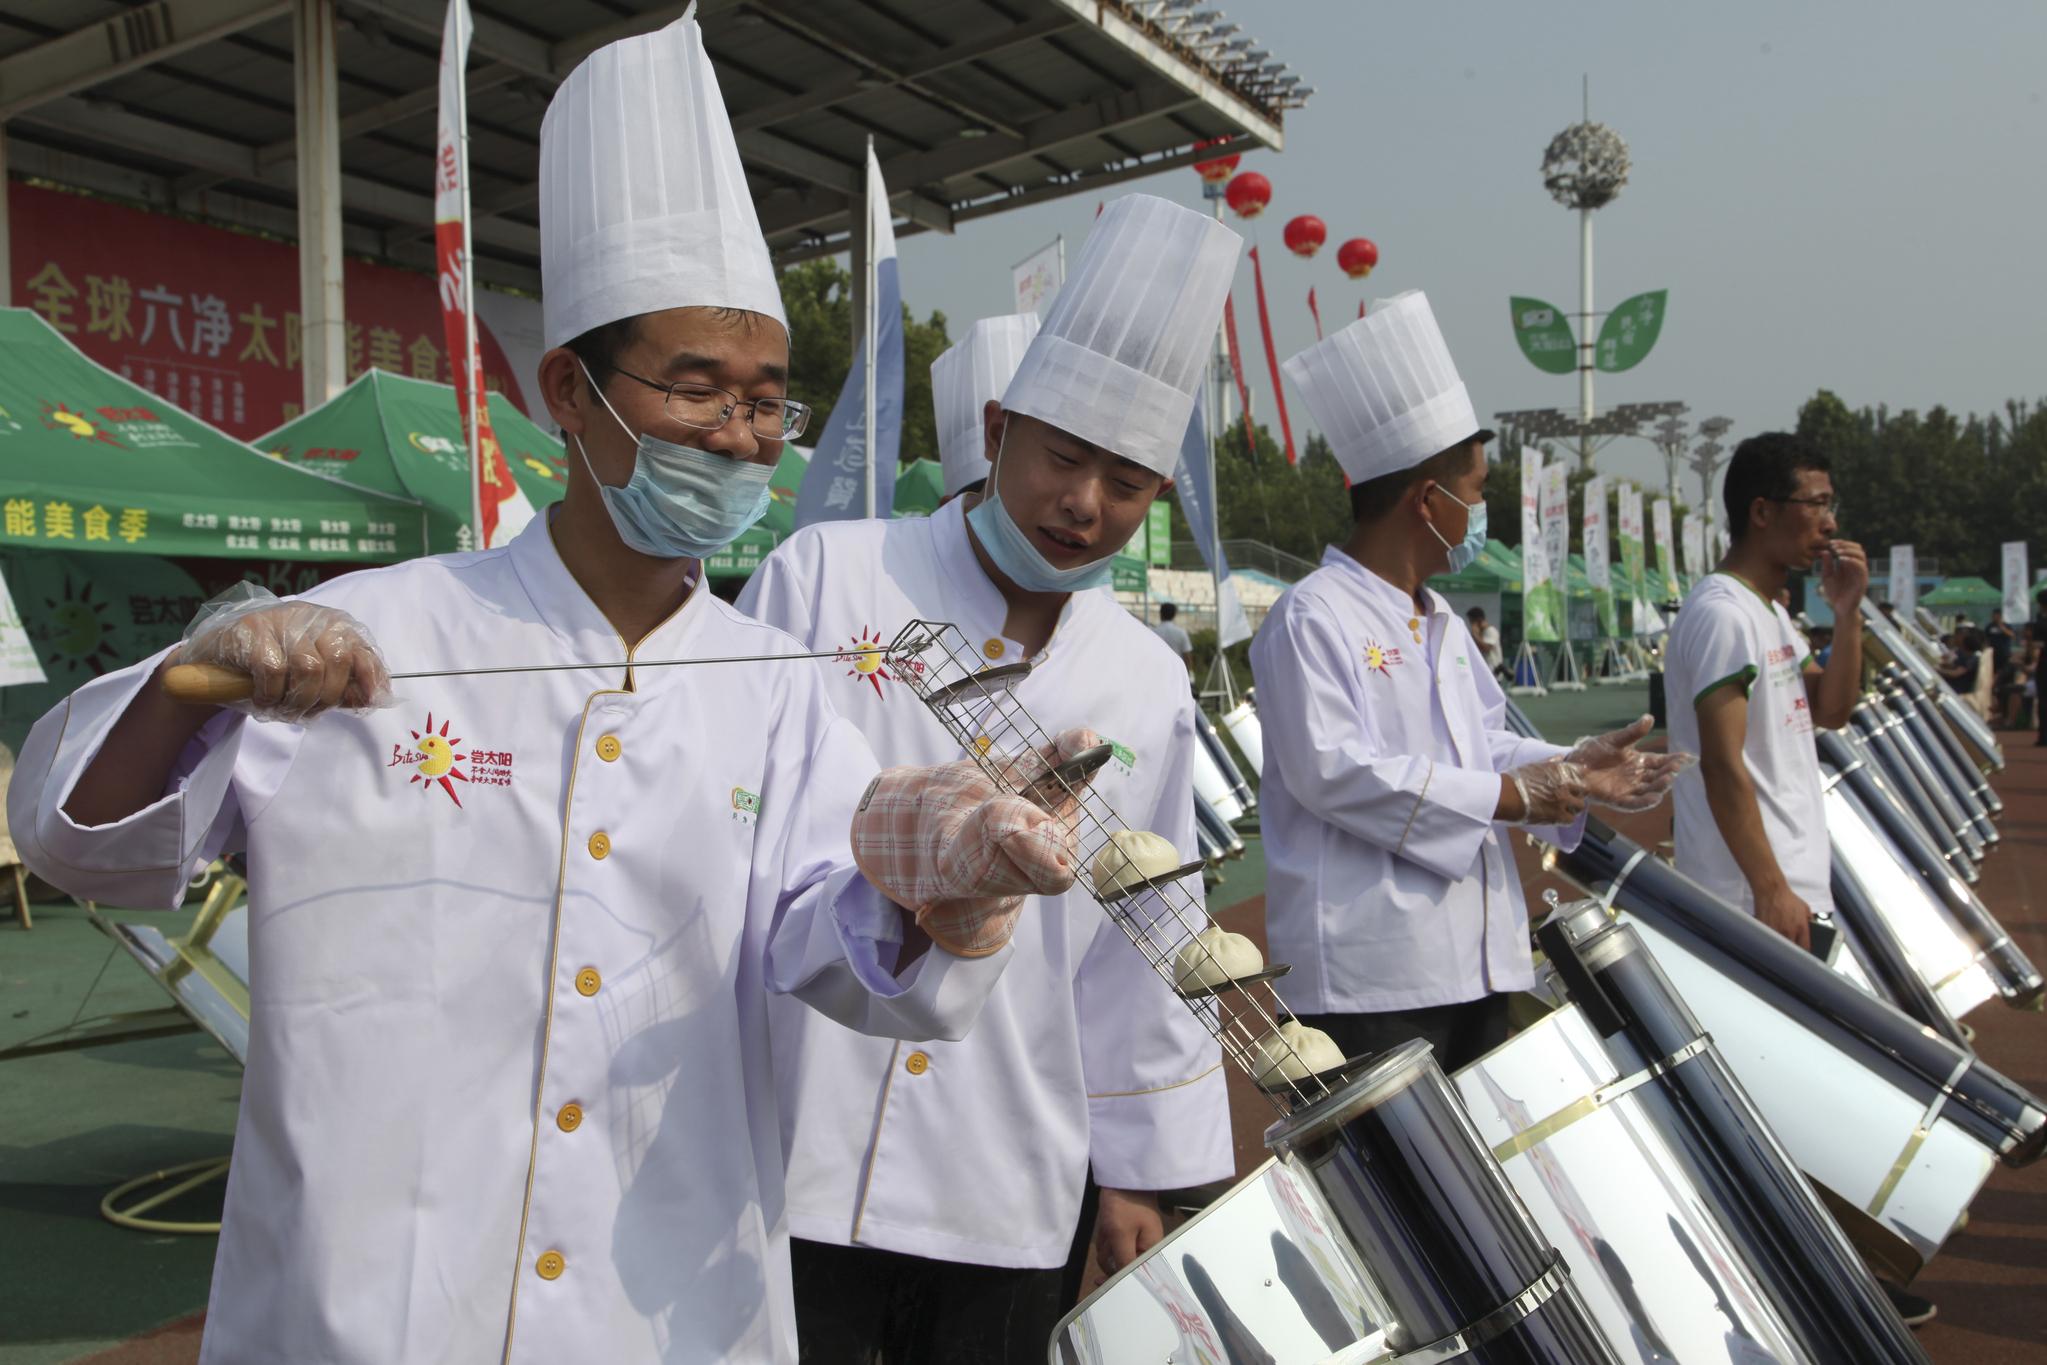 중국 산둥성 더주우시에서 열린 음식축제에서 2일(현지시간) 요리사들이 만두를 굽고 있다. [AP=연합뉴스]